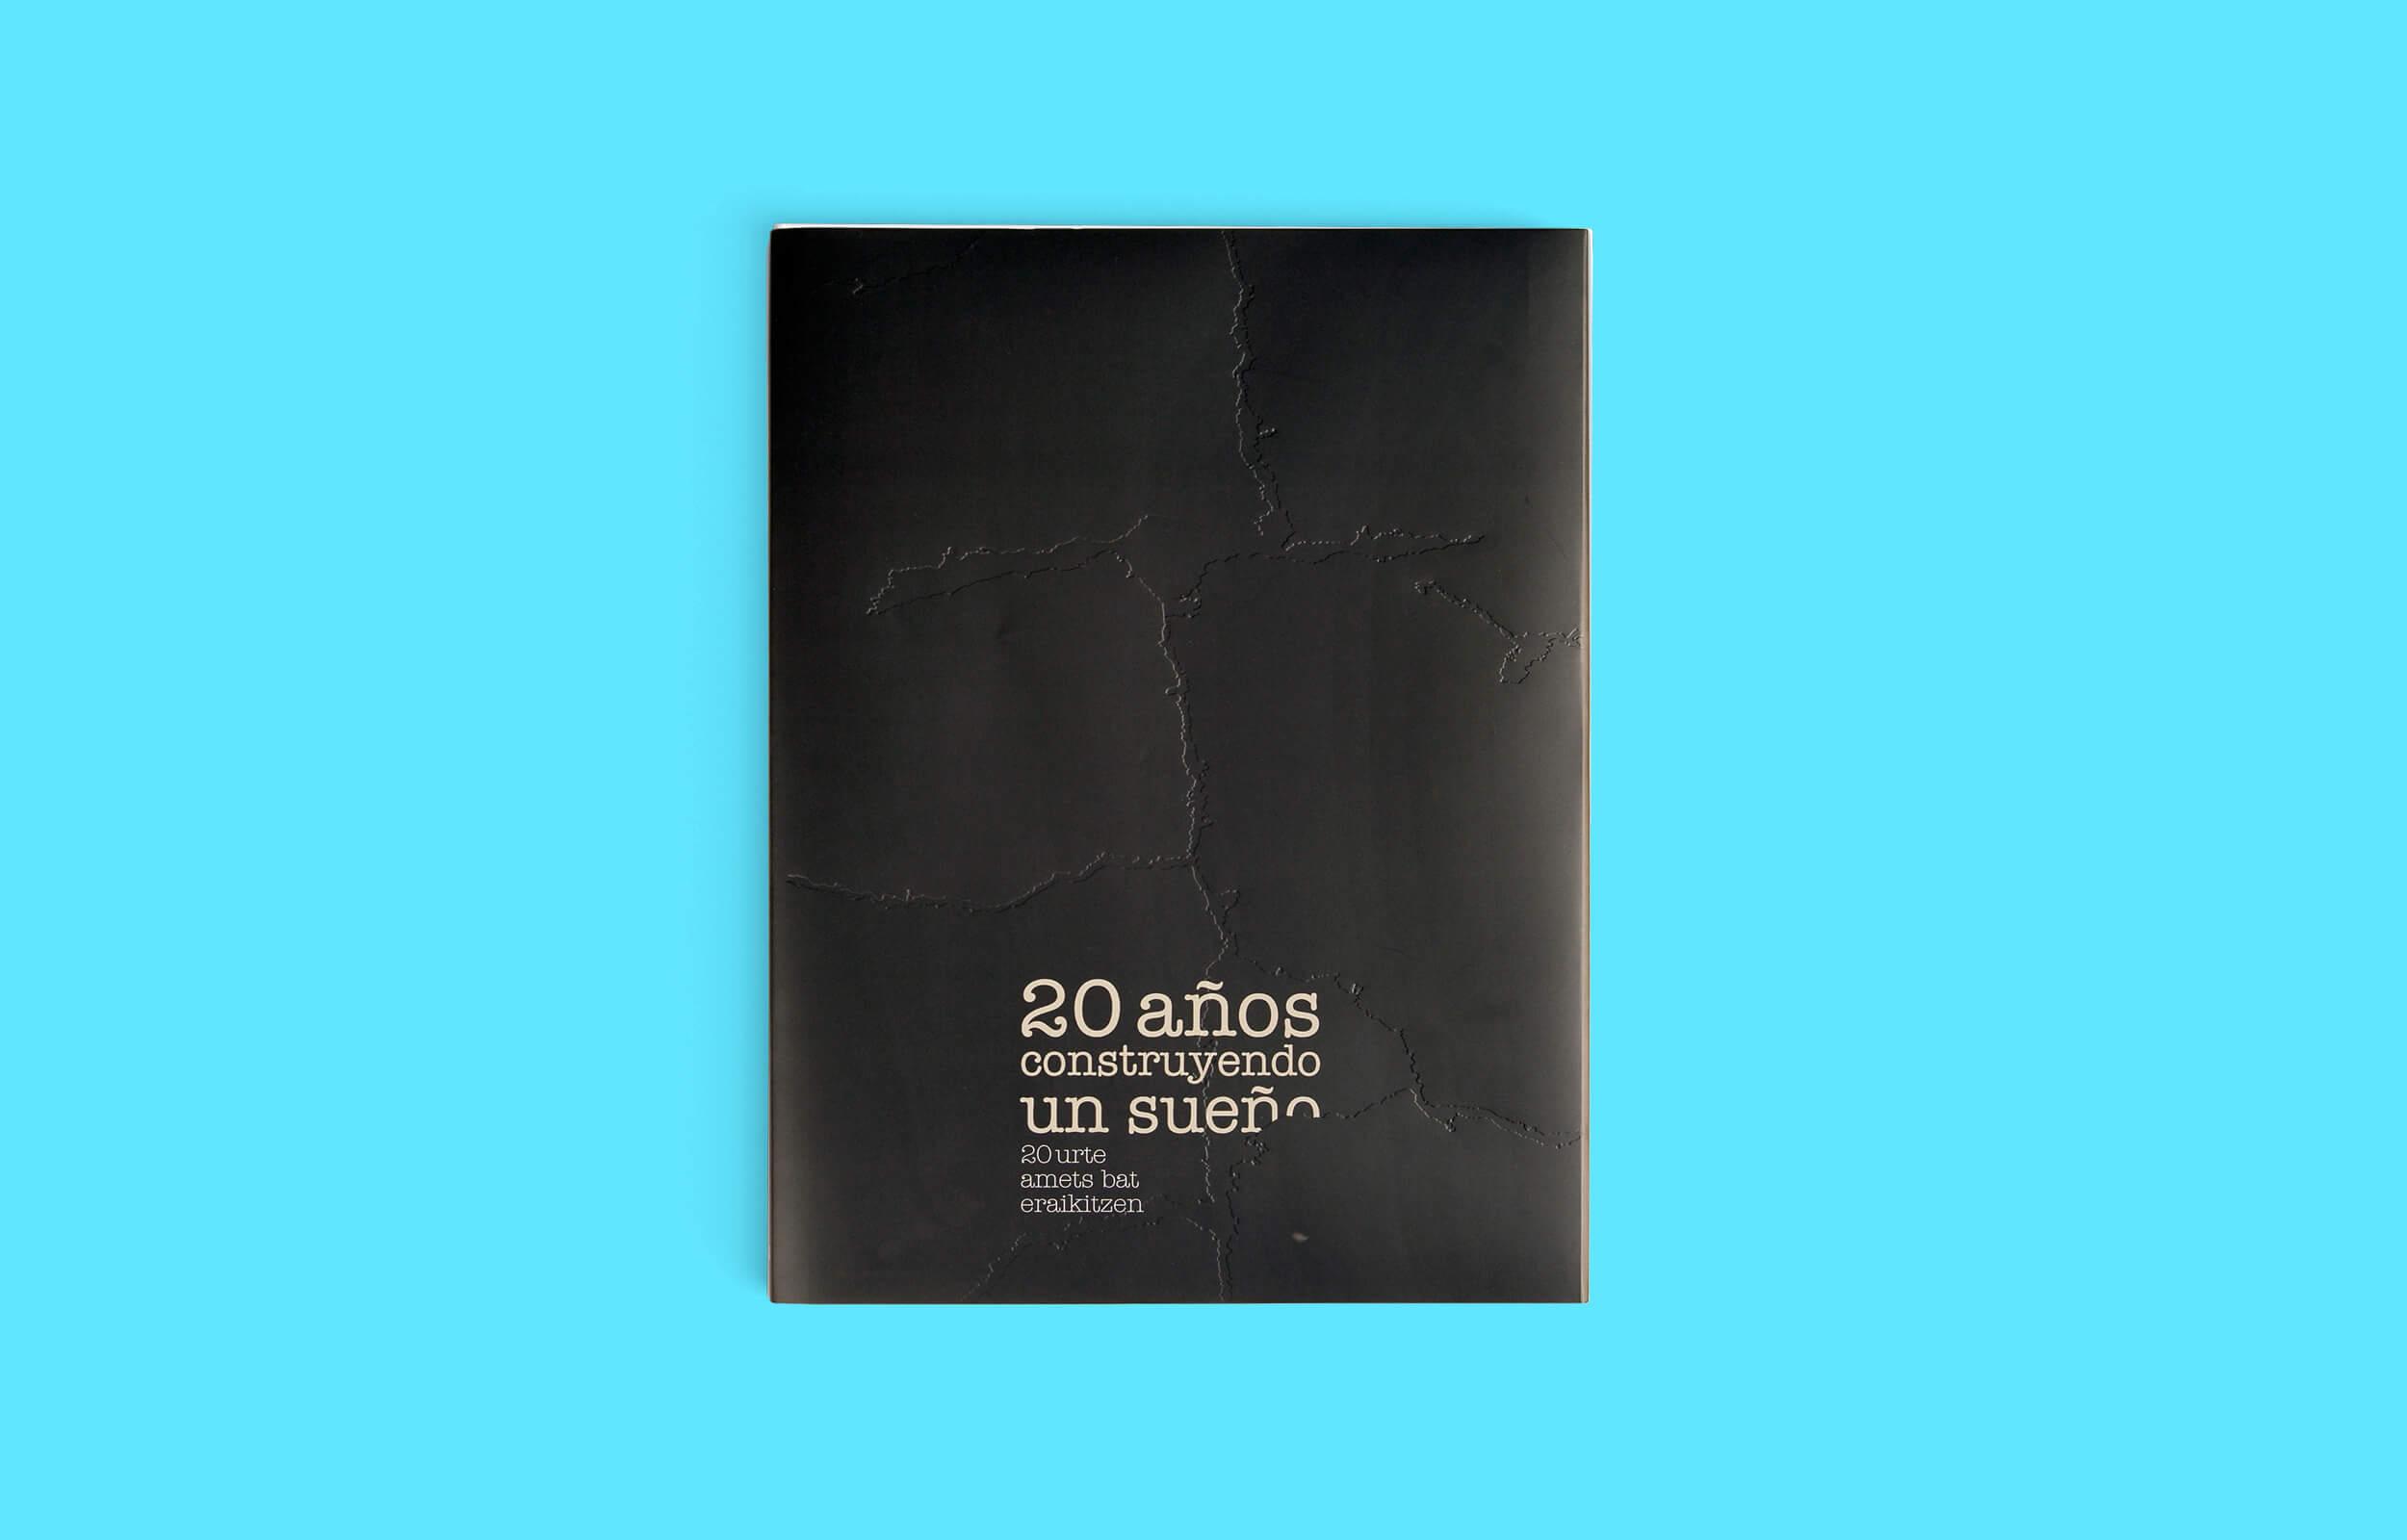 Diseño y maquetación del libro para el fotógrafo Asier Bastida. 20 años construyendo un sueño